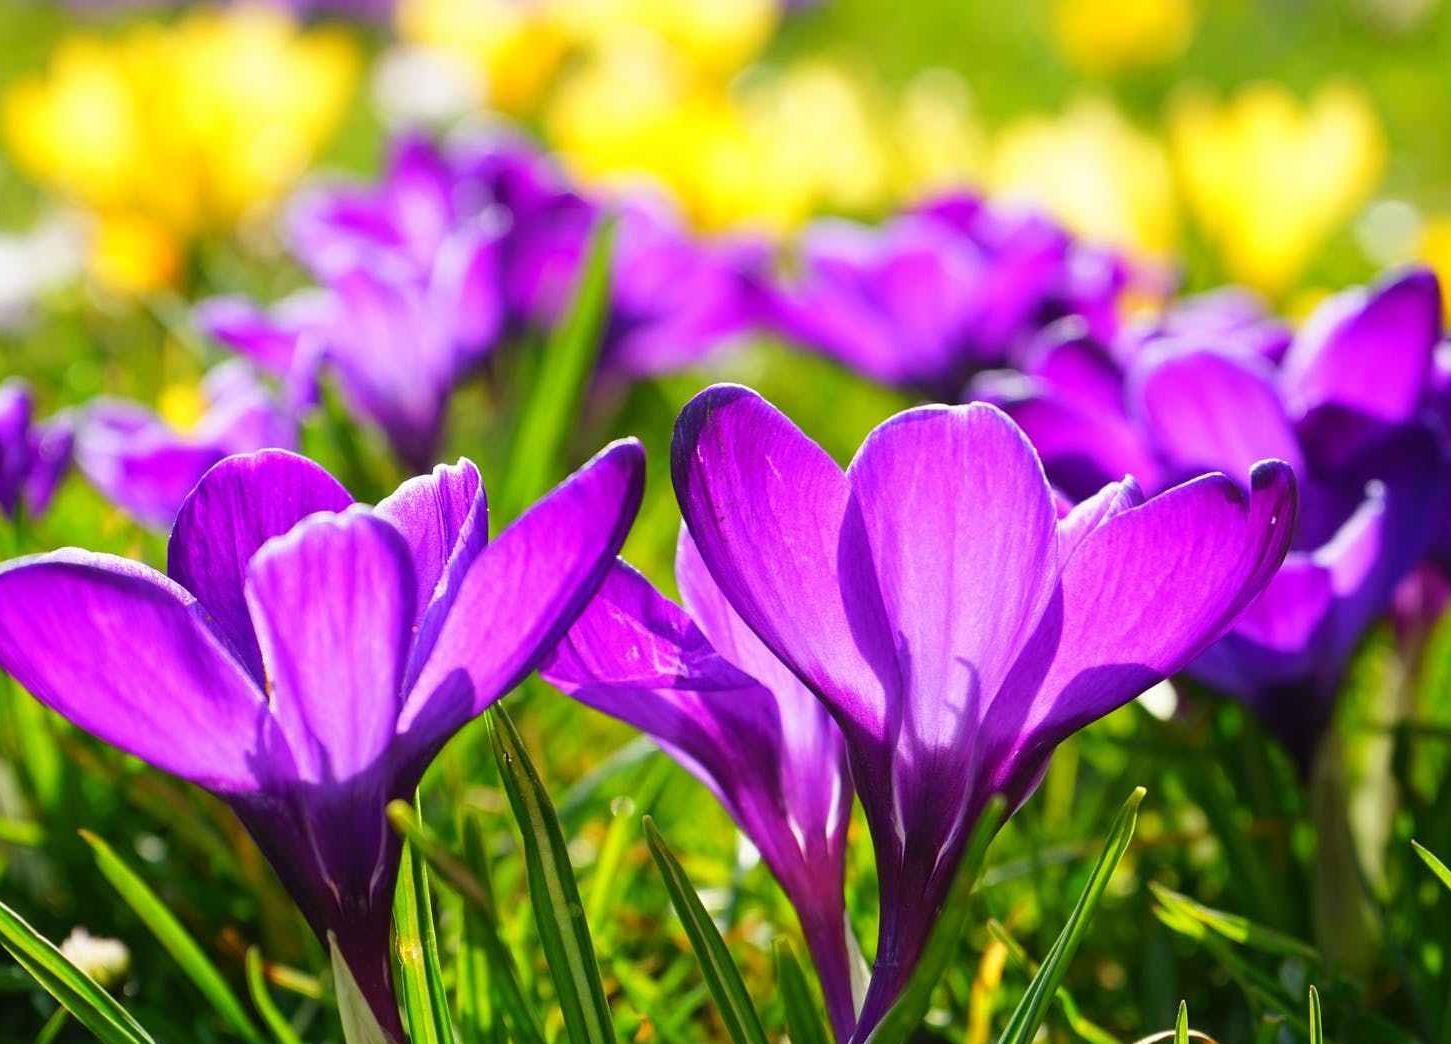 purple spring flower bloom